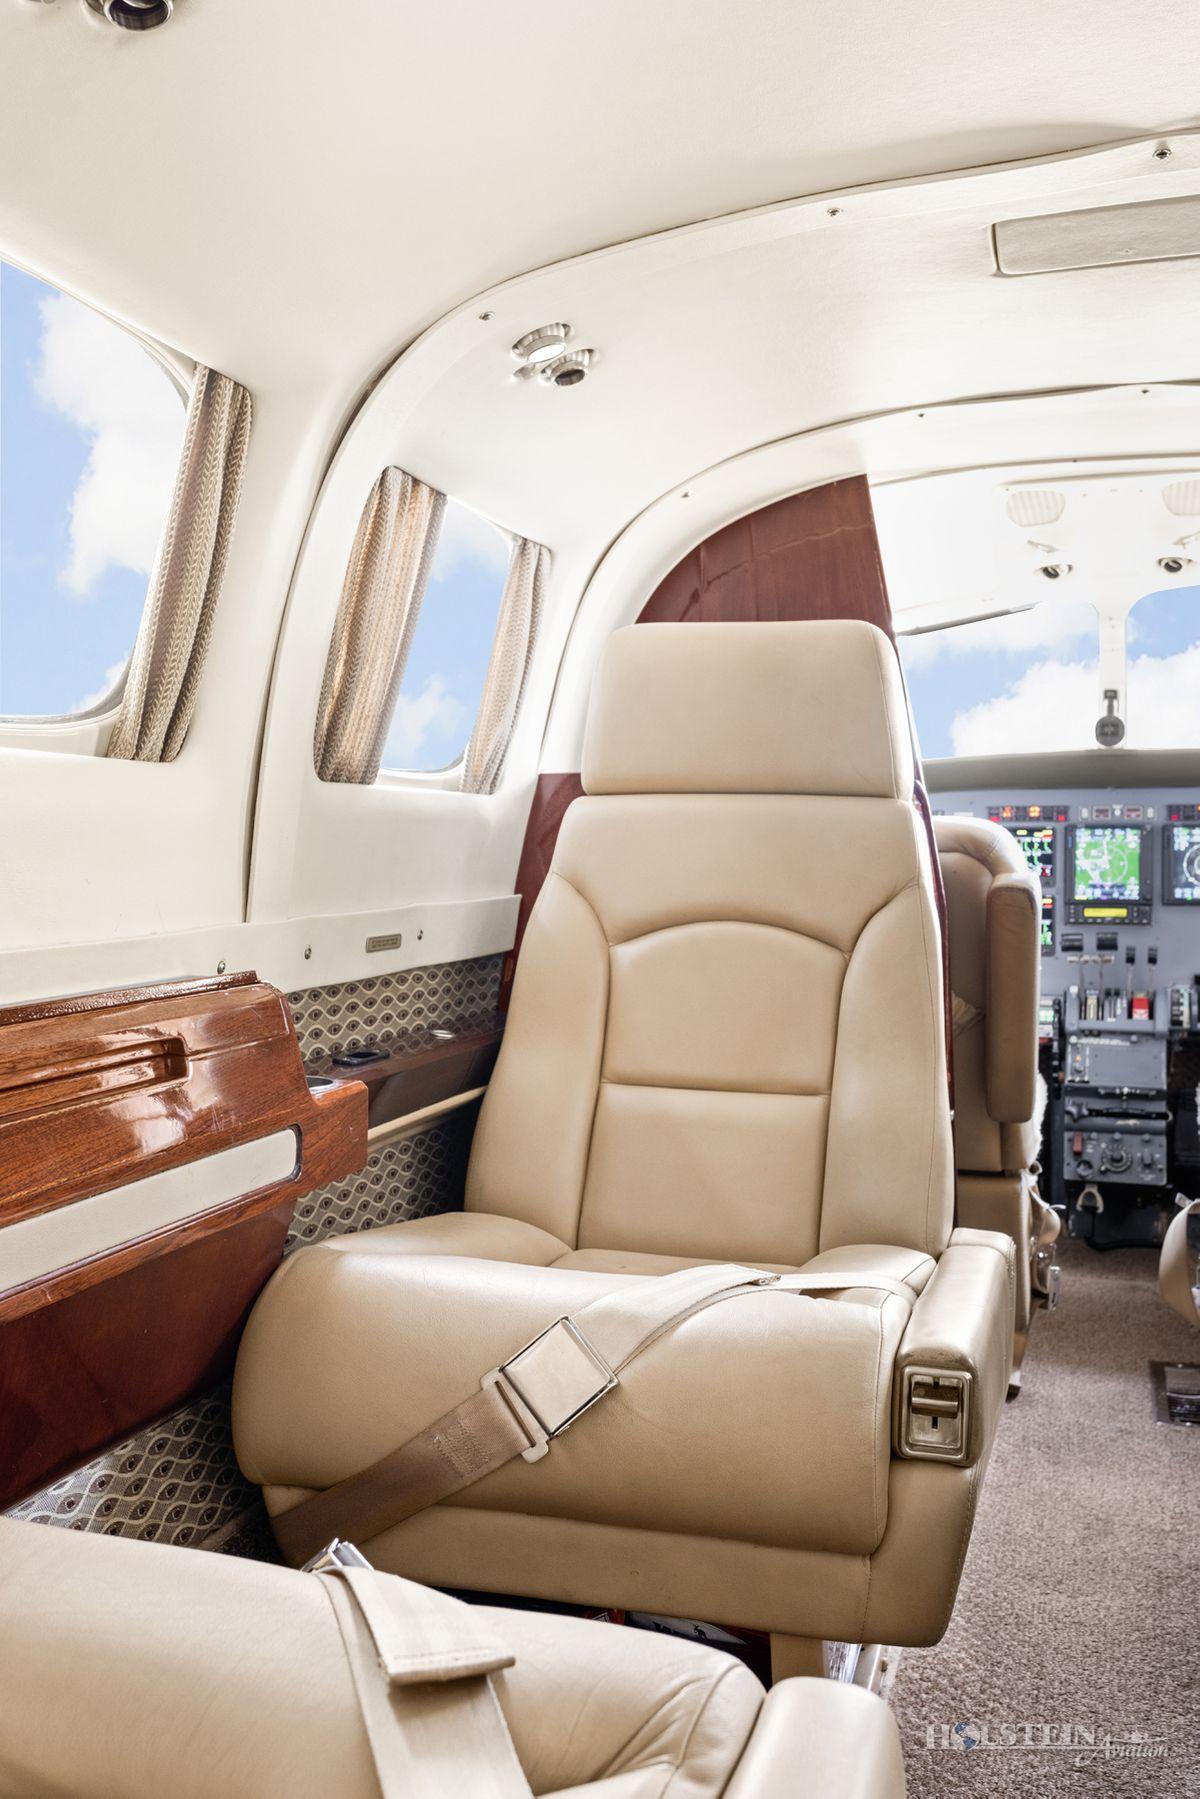 1978 Cessna Conquest II - 441-0012 - N369WK - Int - Seat CU-w RGB.jpg